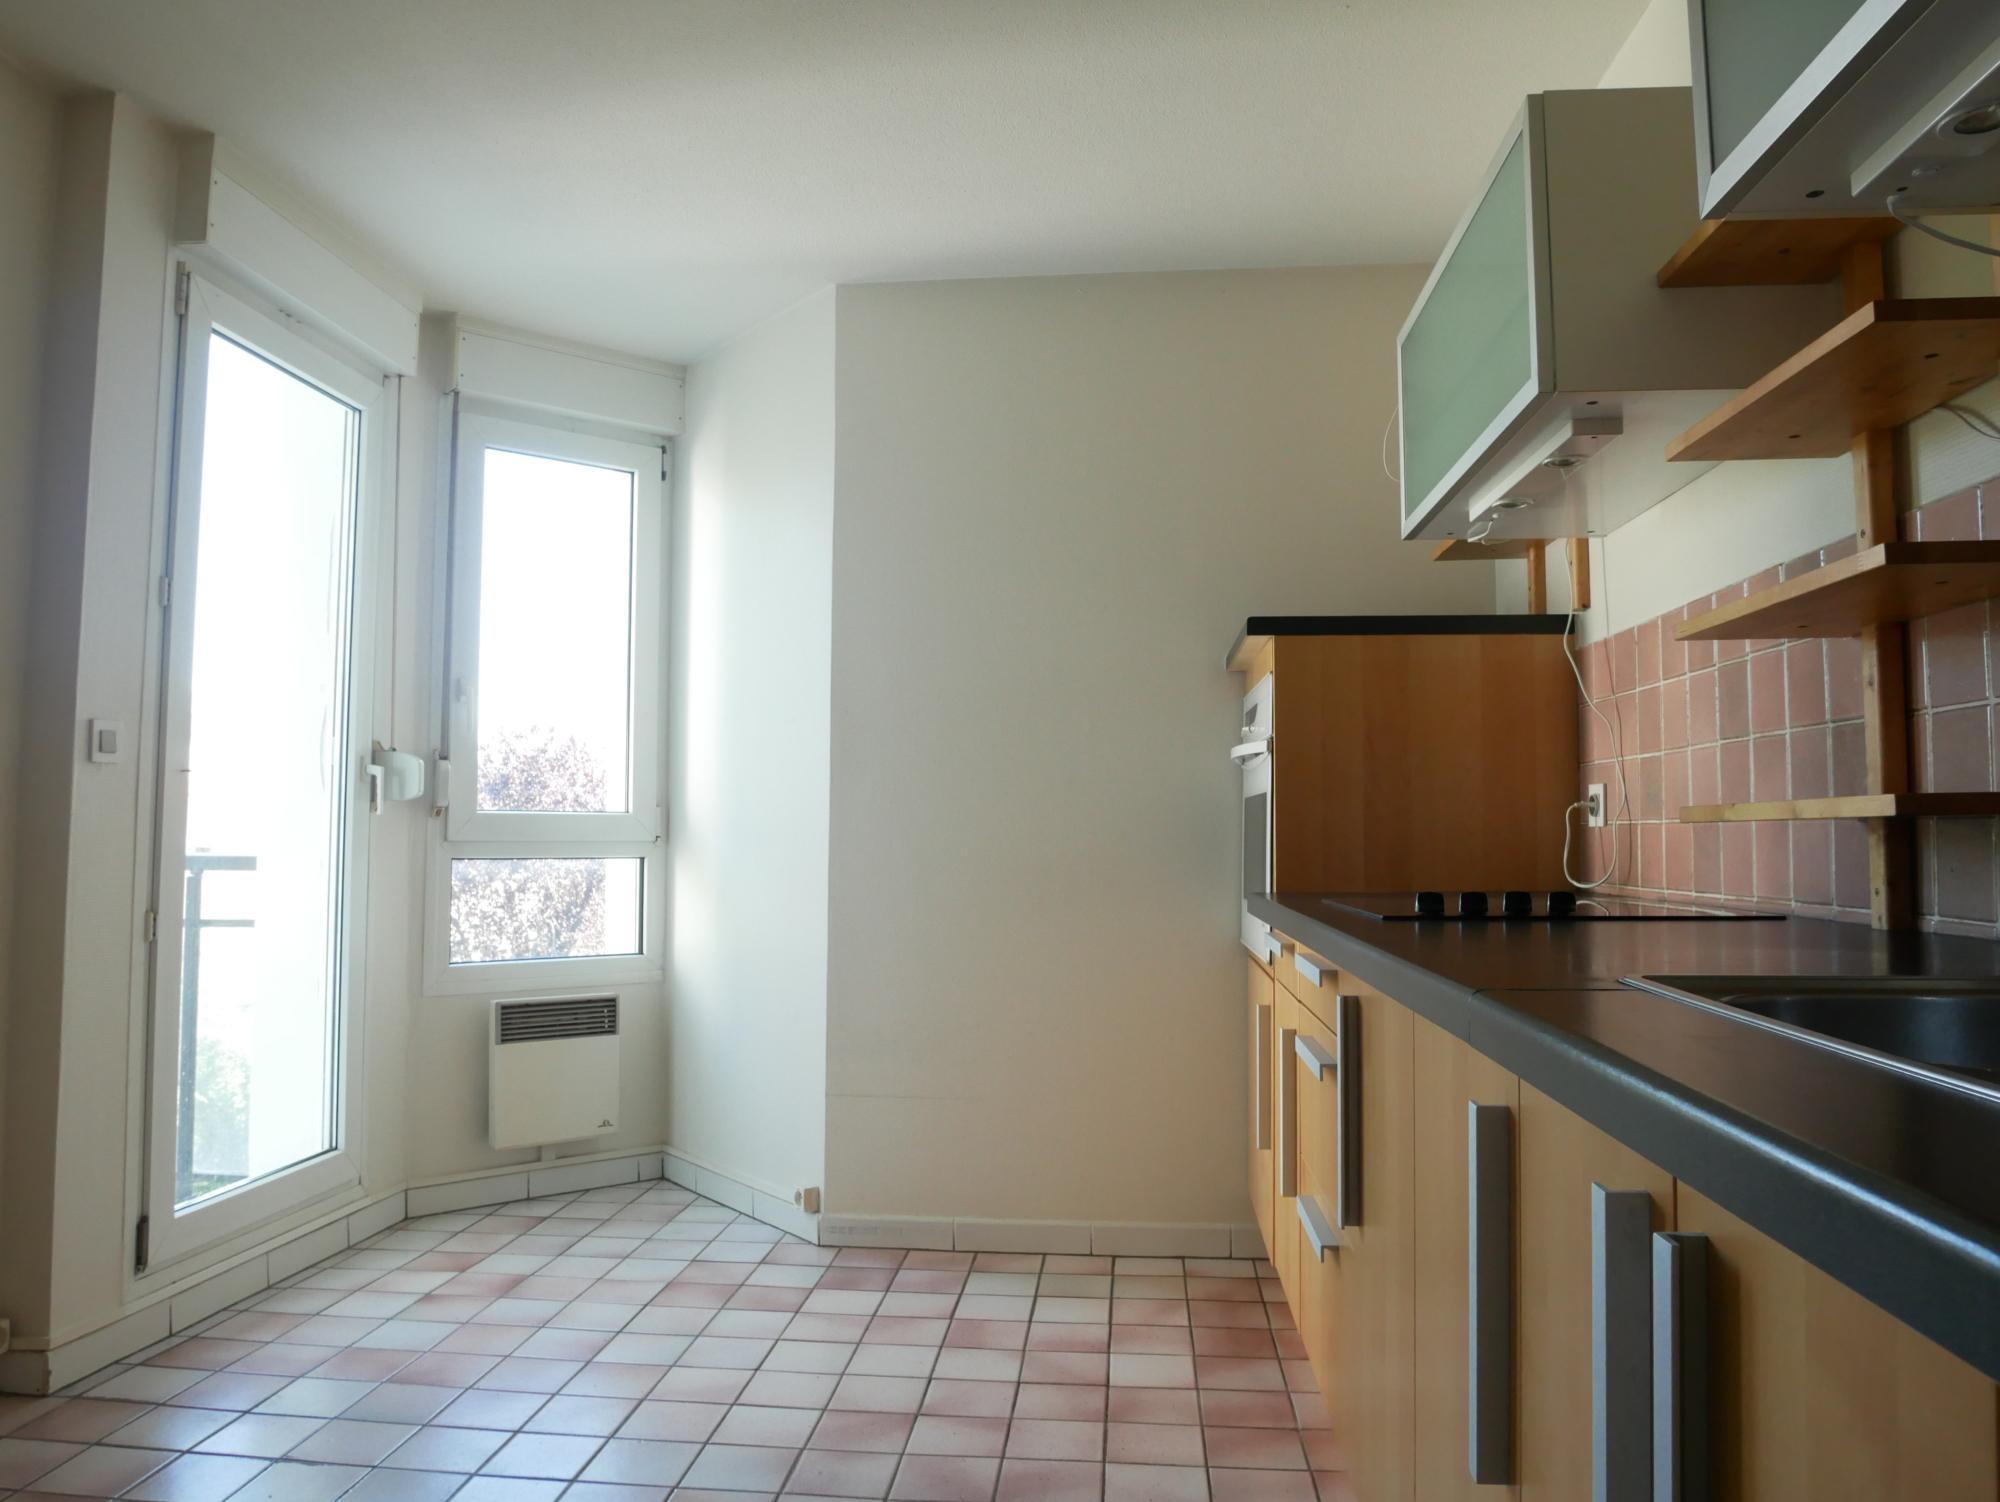 [Urbain] Grand 3 pièces - Neudorf / rue Saint-Urbain - nos locations - Beausite Immobilier 2